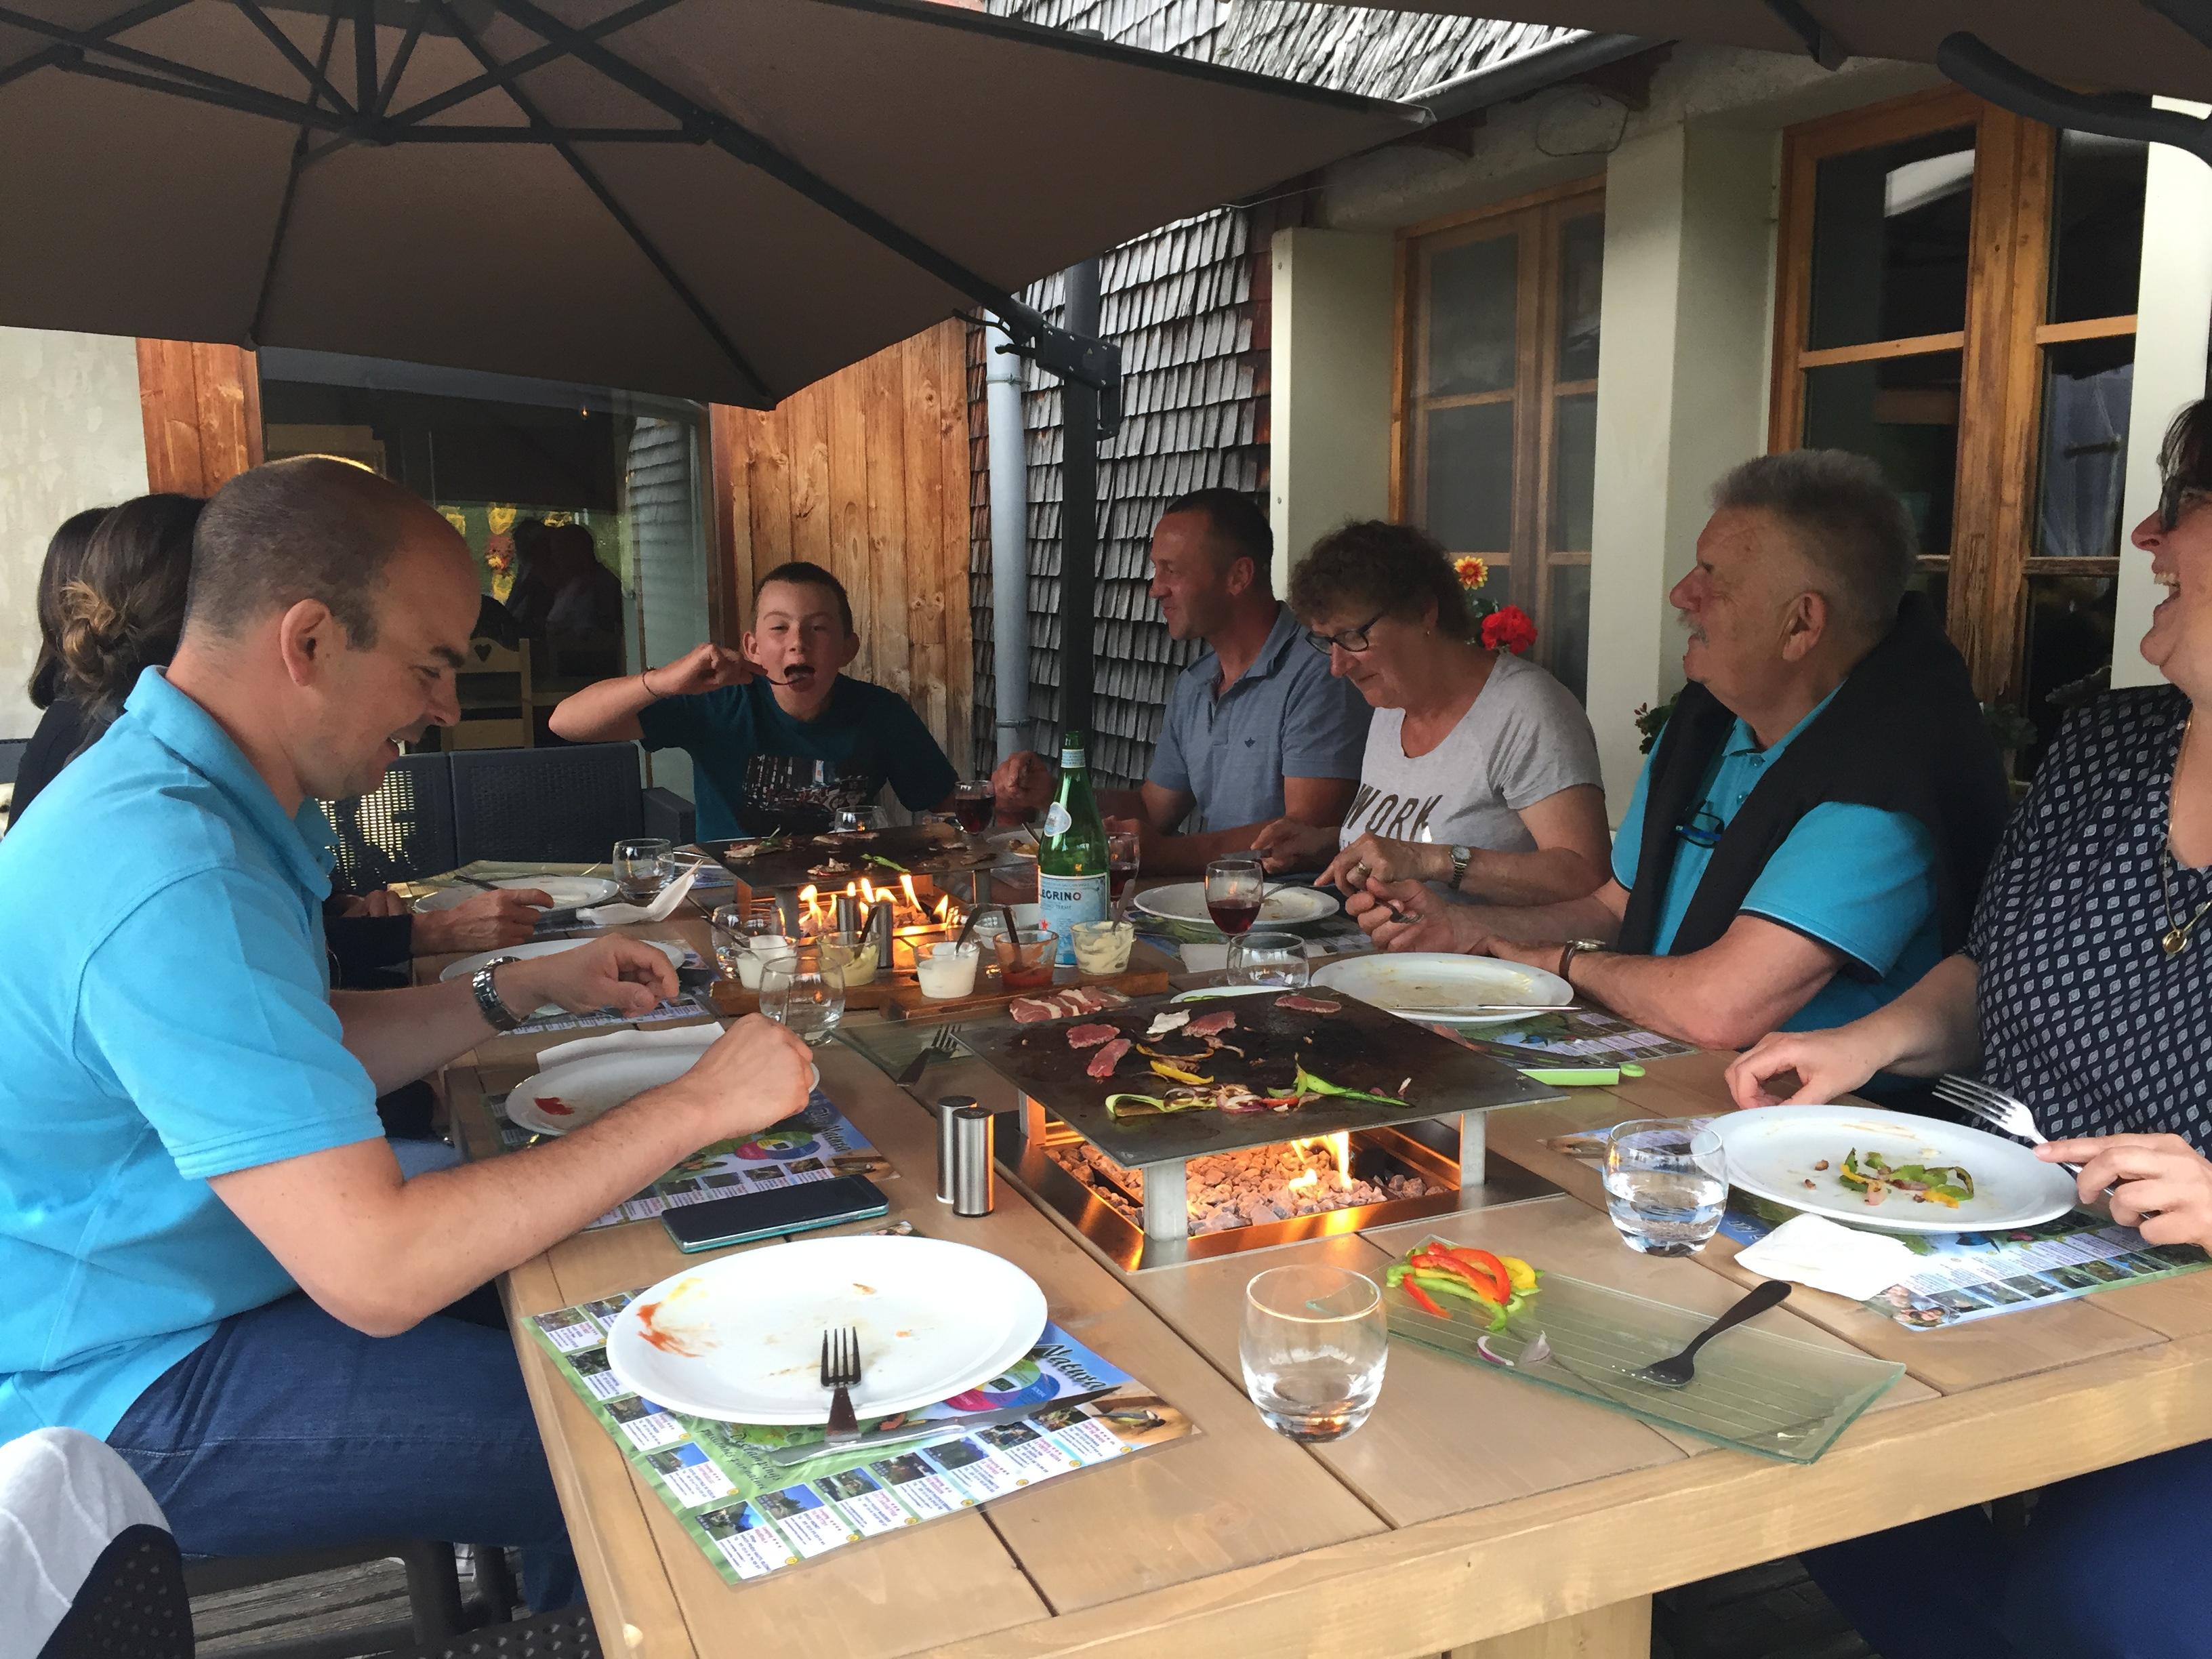 Table à feu - Domaine du bugnon Jura